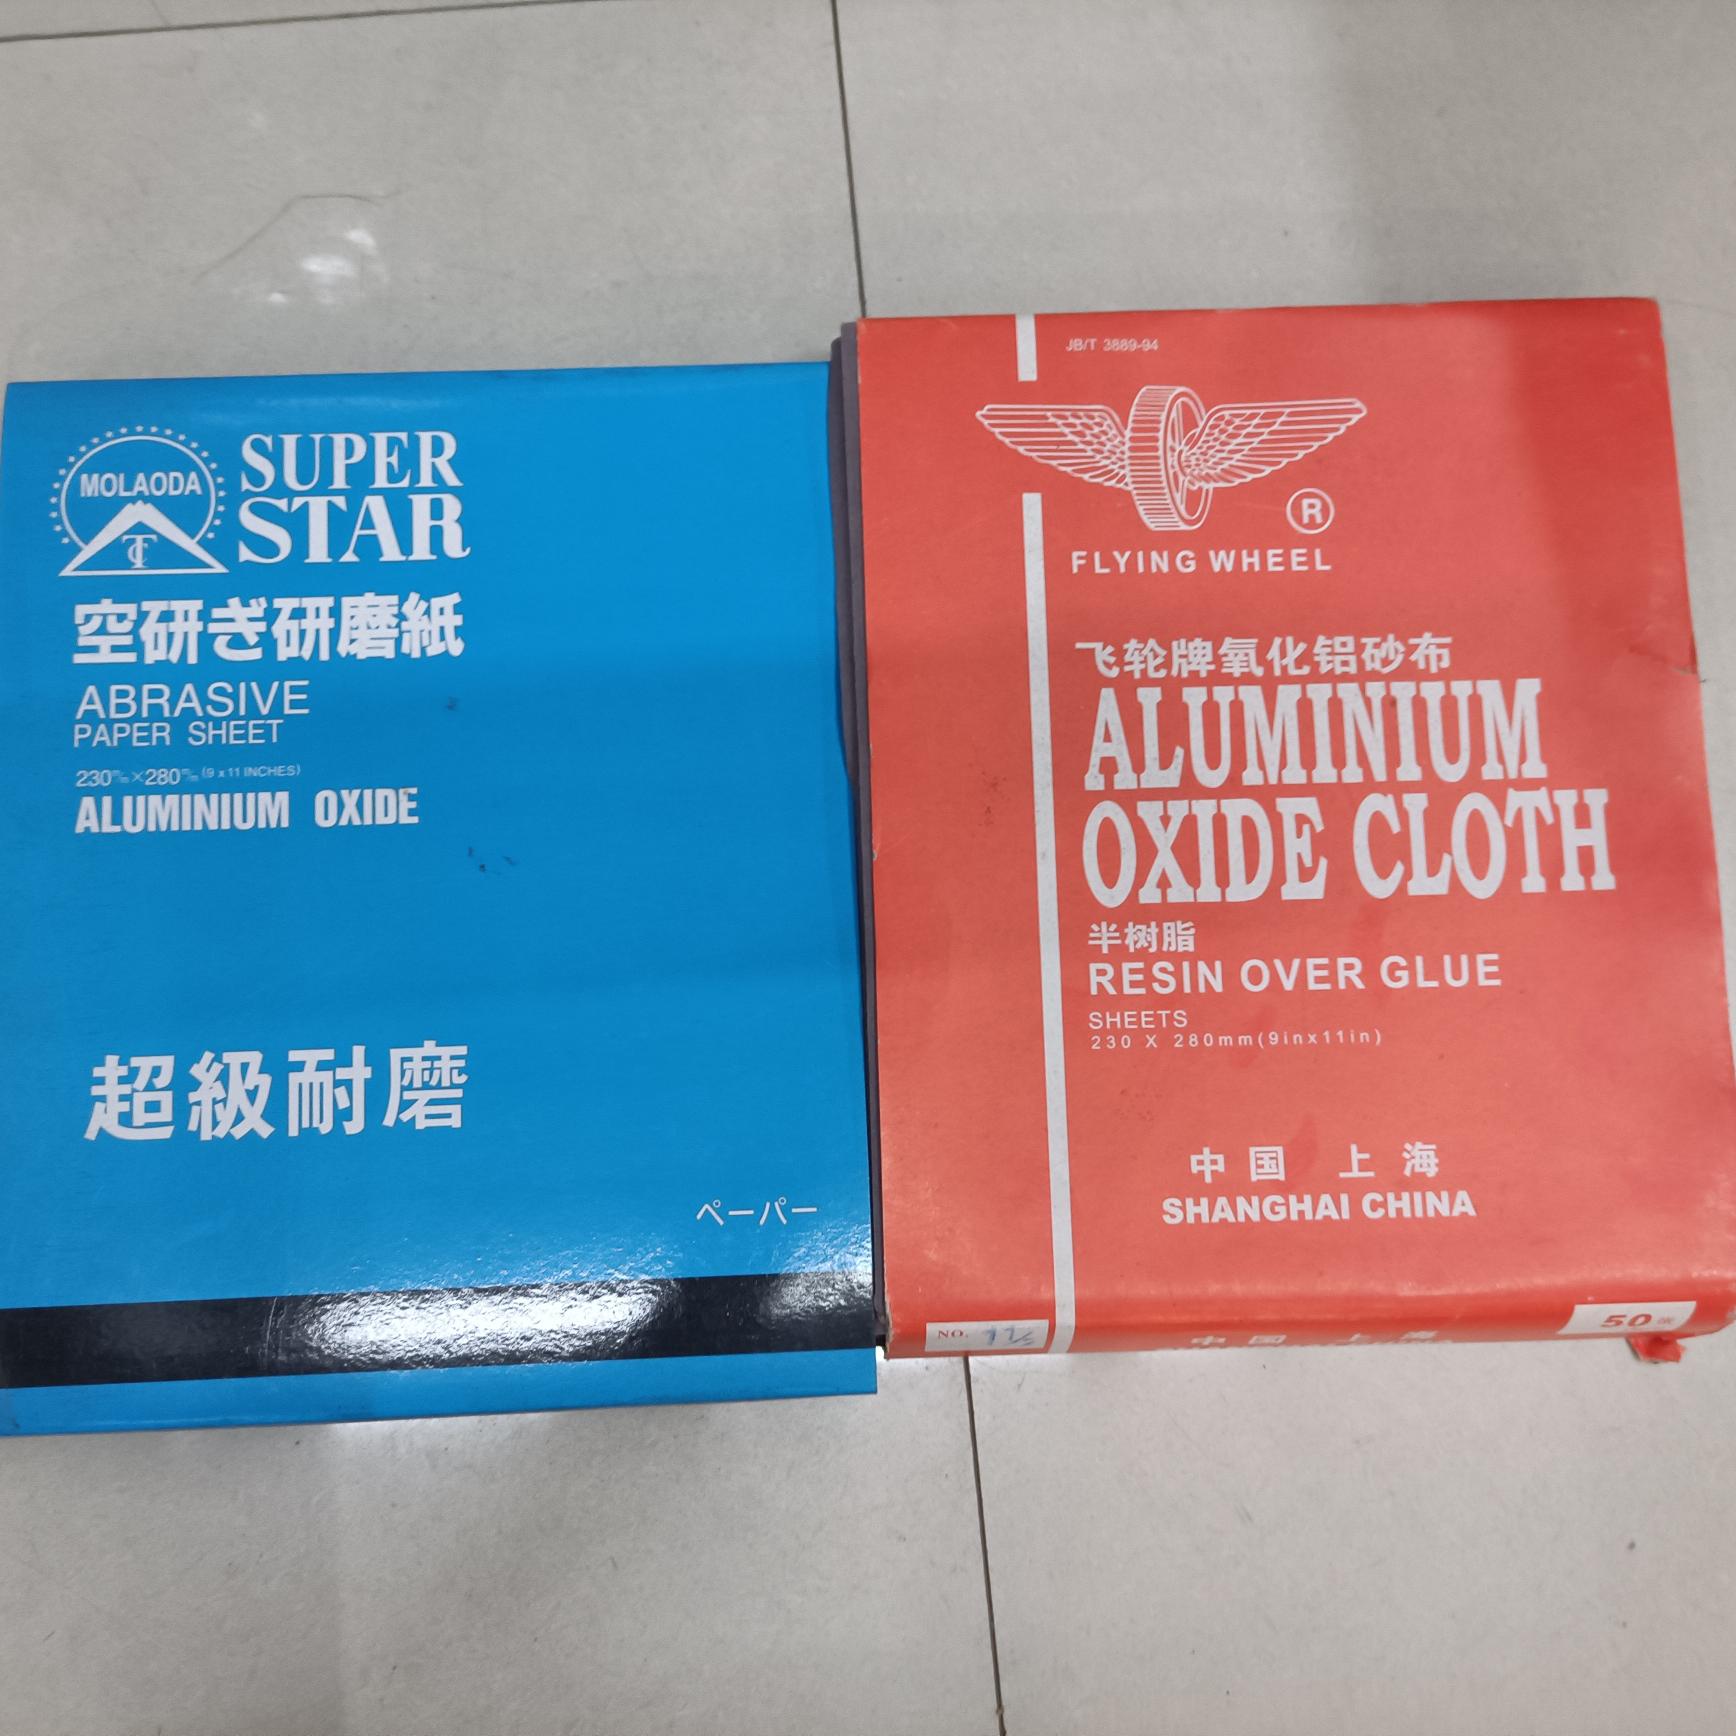 砂纸研磨纸纱布100张一袋,1袋起卖